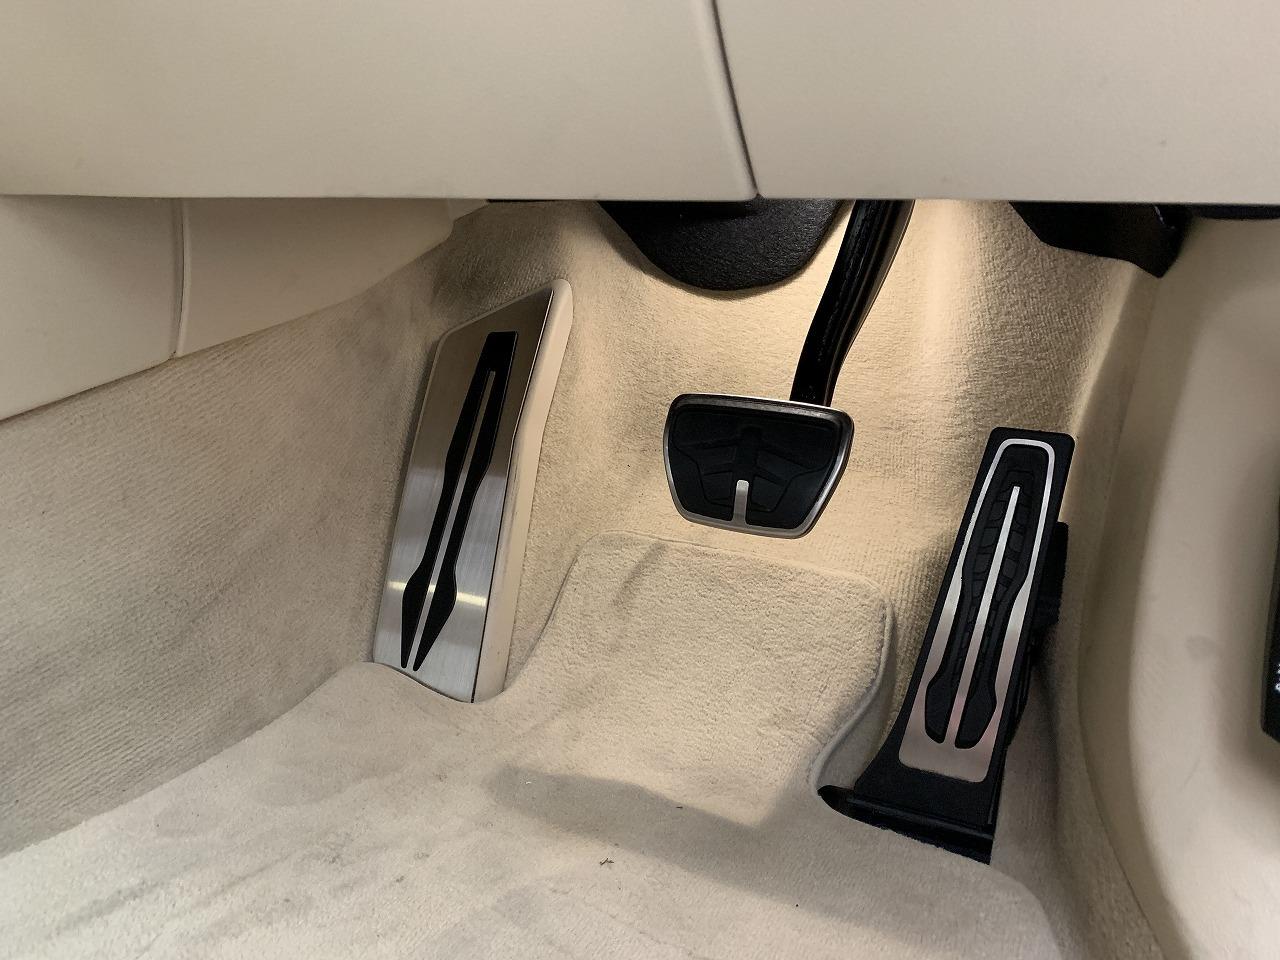 BMW G31にステンレスフットレストを装着しました♪フィット感&実用性バッチリです^^